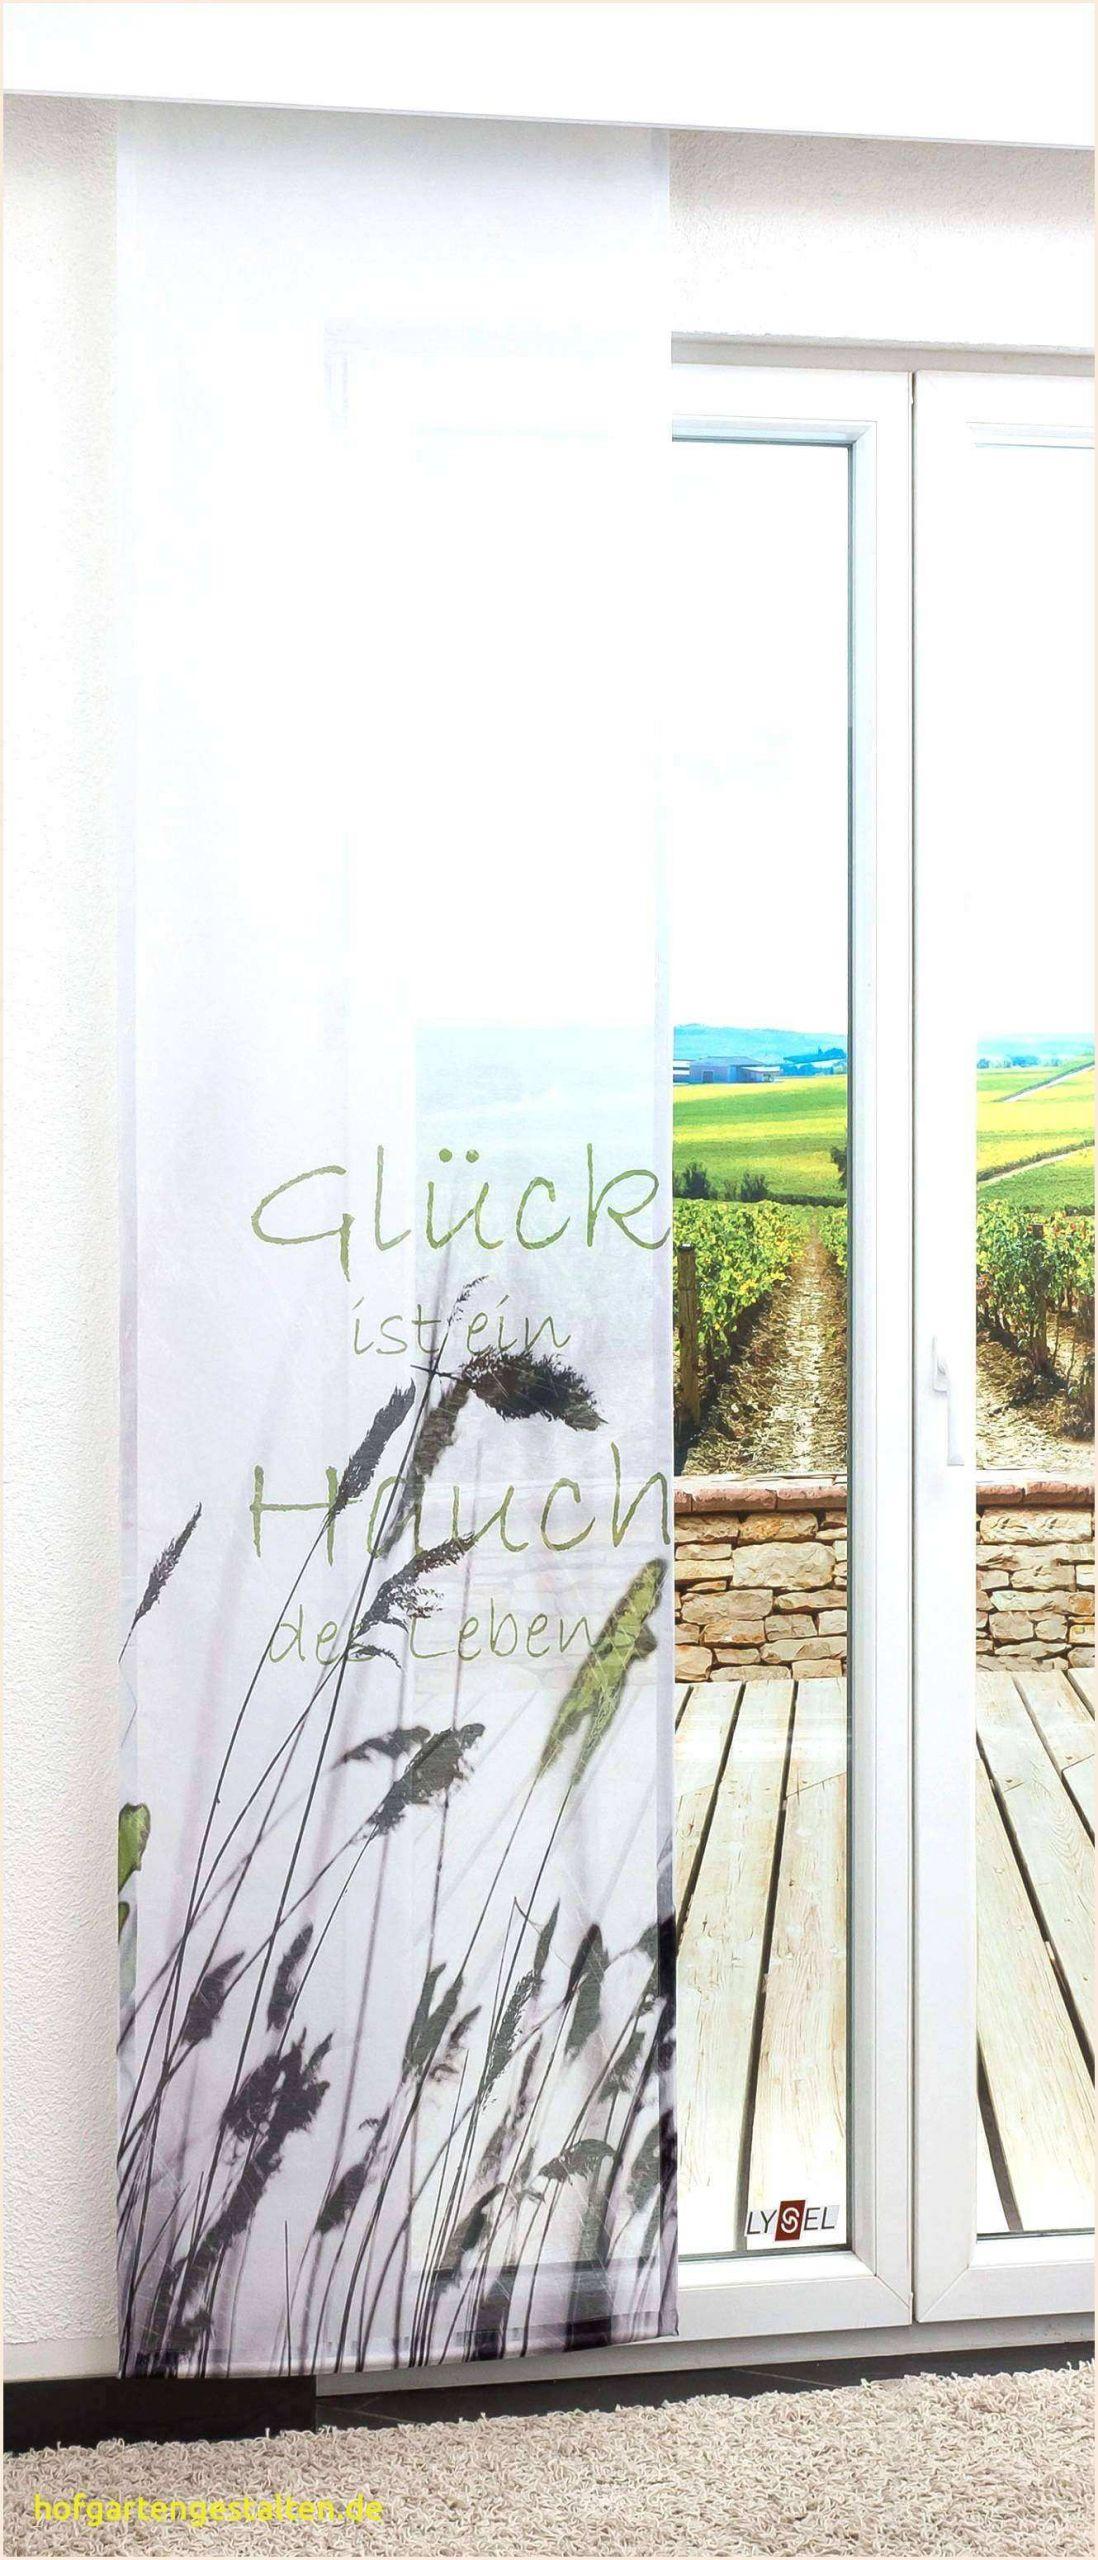 deko ideen fur wohnzimmer elegant luxury vorhange fur wohnzimmer ideen concept of deko ideen fur wohnzimmer